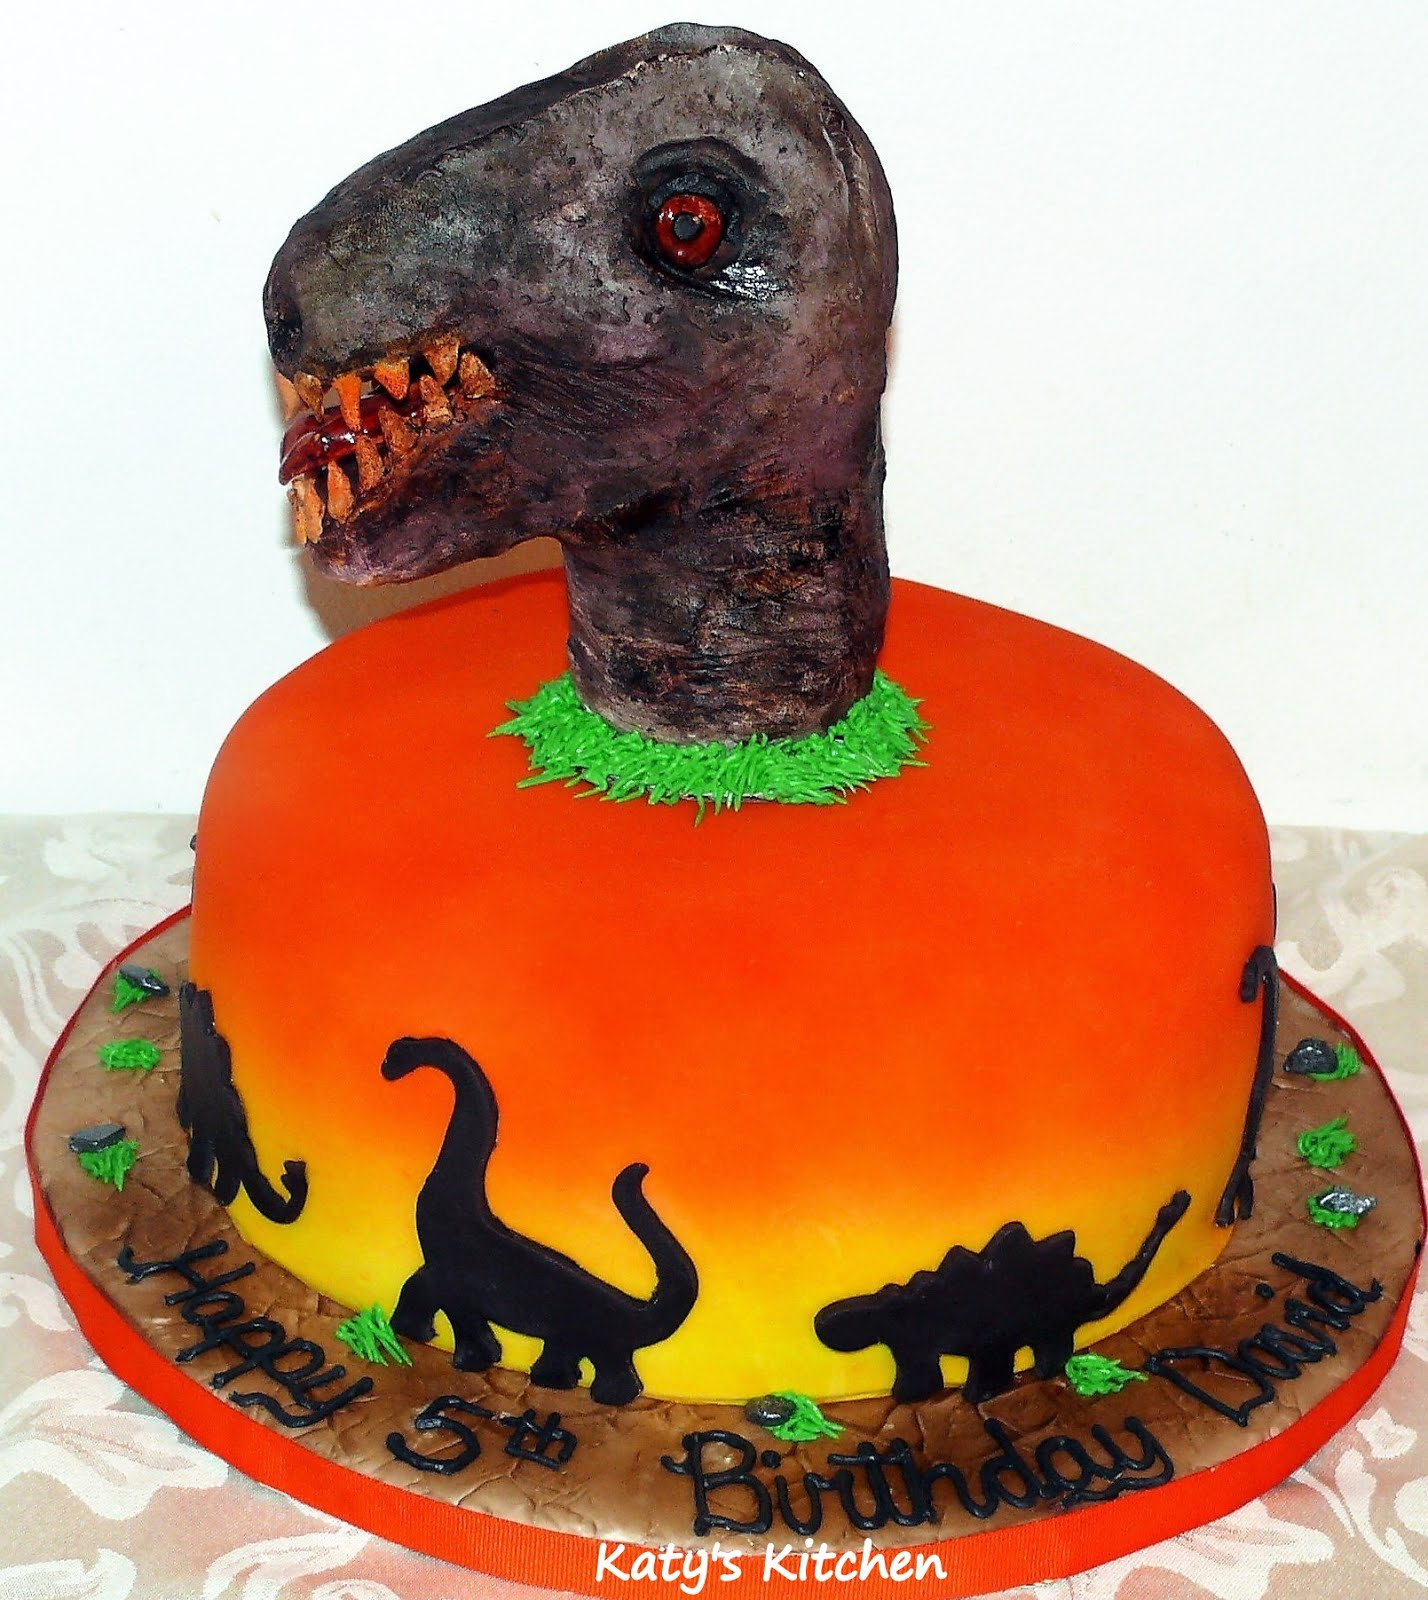 Katys Kitchen Dinosaur Birthday Cake Featuring An Edible T Rex Head